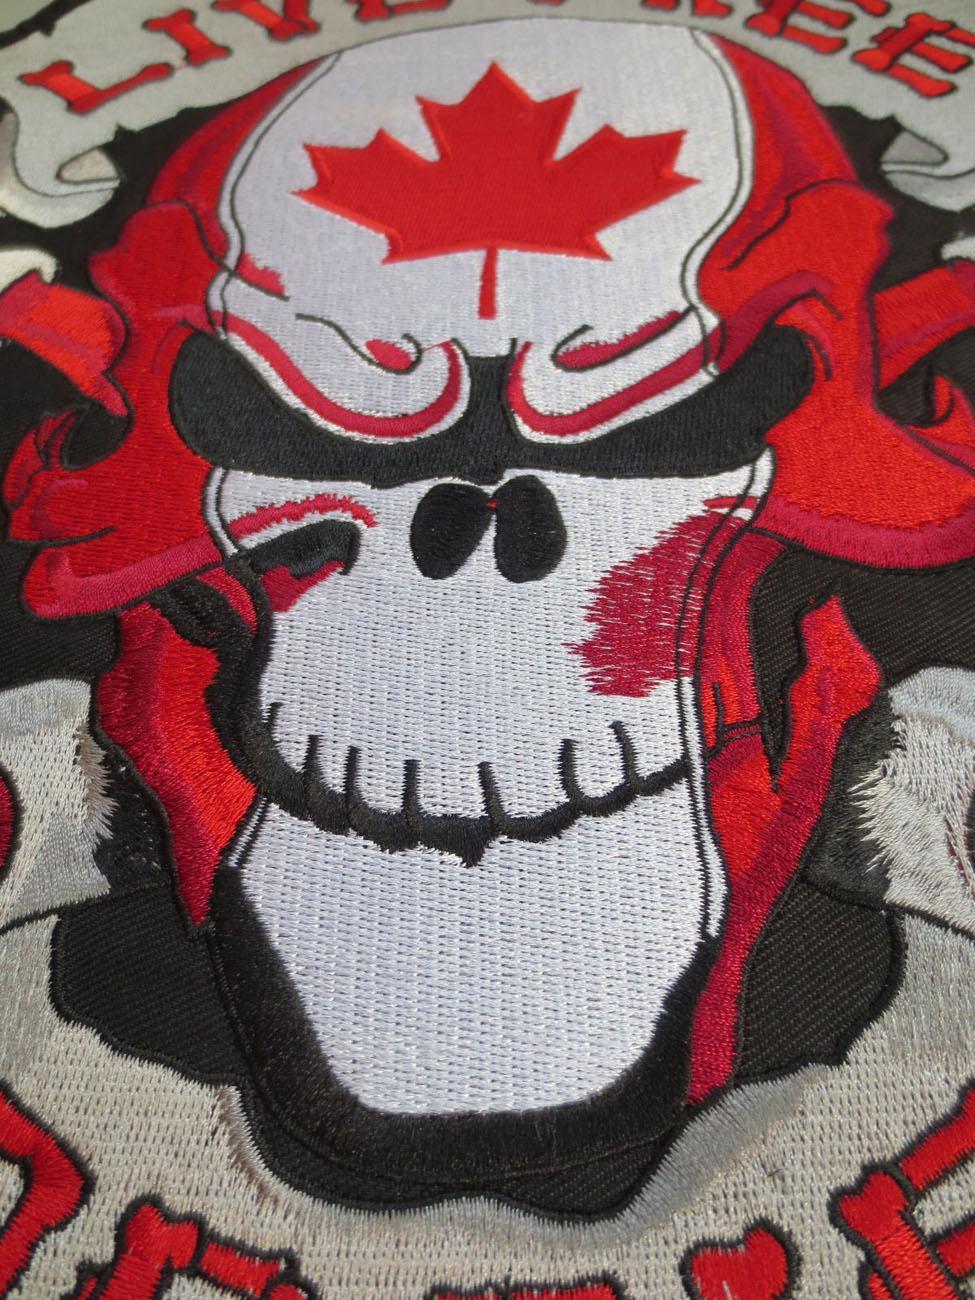 Venta caliente Personalizar 12 pulgadas grandes parches de bordado para la chaqueta de nuevo Live Free CANADÁ cráneo de la hoja de arce envío gratis